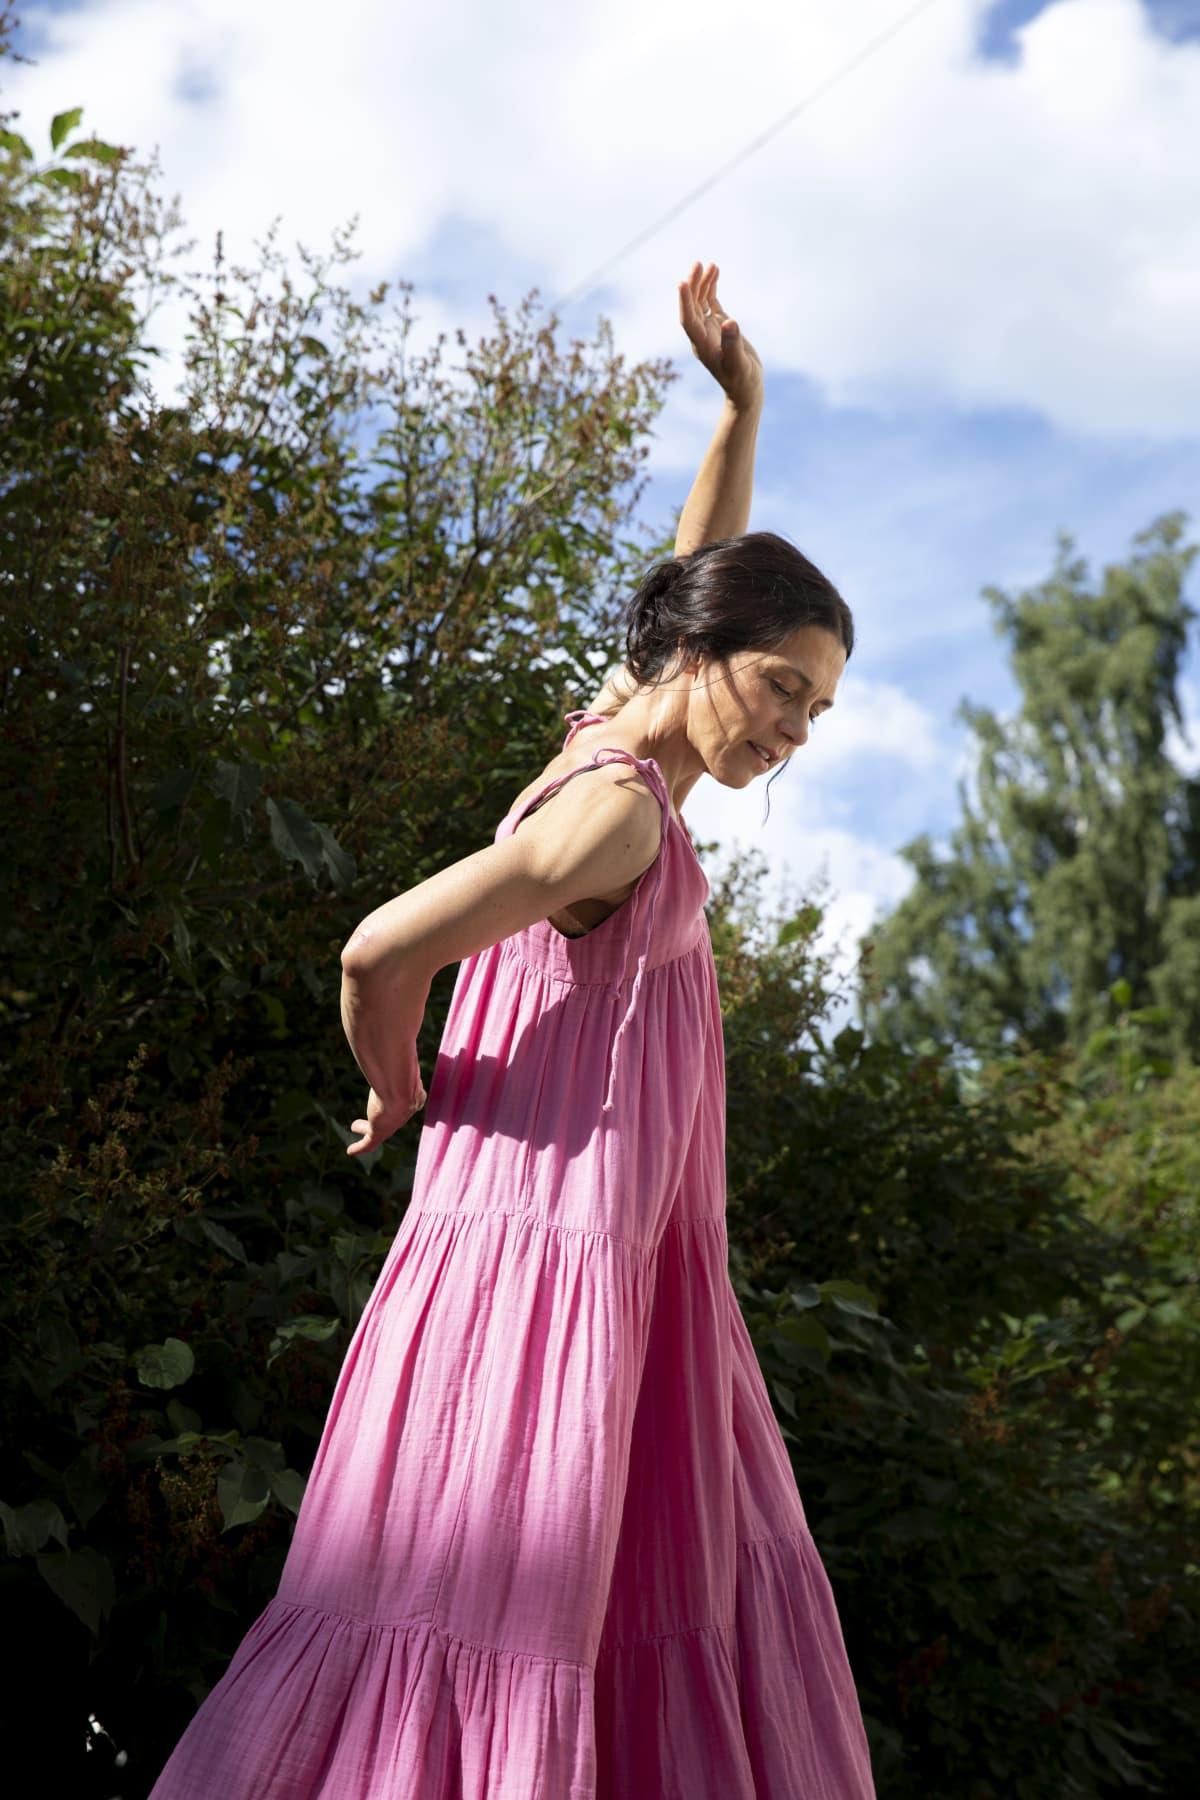 Nainen vaaleanpunaisessa kesämekossa on keskellä tanssillista liikettä. Toinen käsi osoittaa kohti taivasta, otinen on selän takana. Taustalla lehtiä ja sininen taivas.